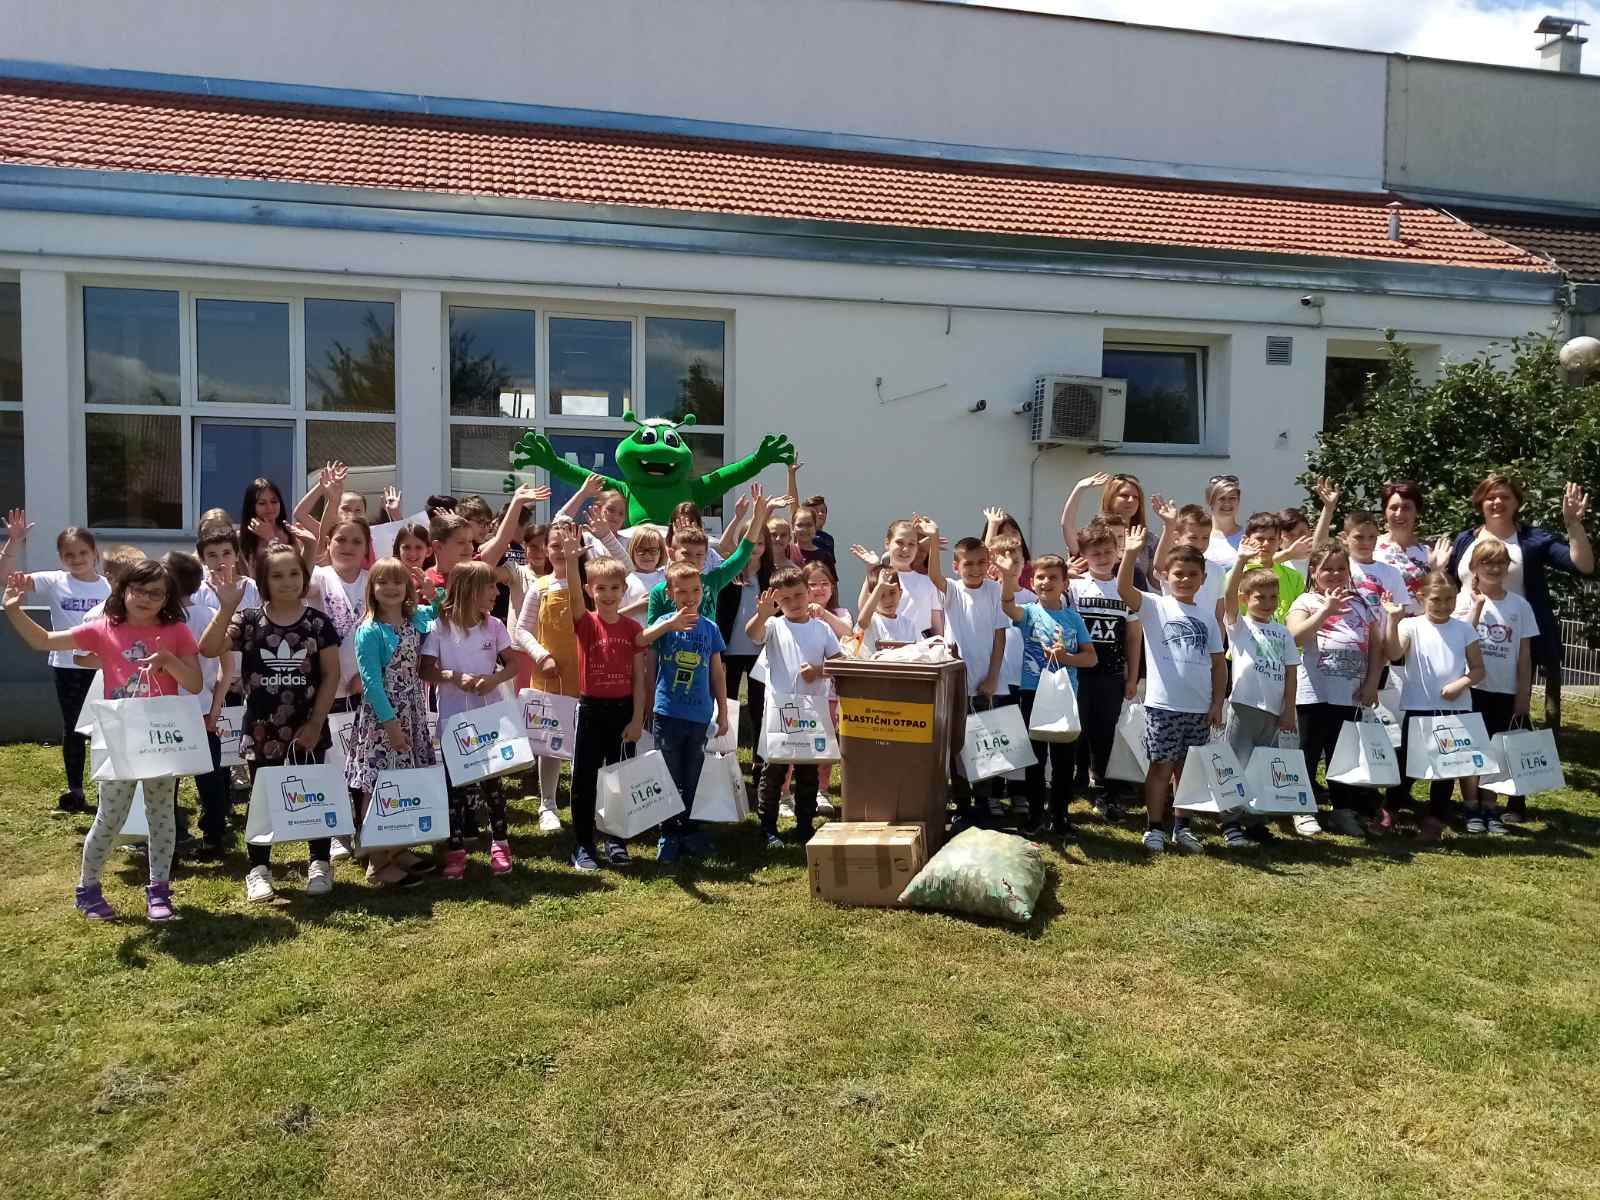 Marljivi učenici sakupili 117 kilograma plastičnih čepova